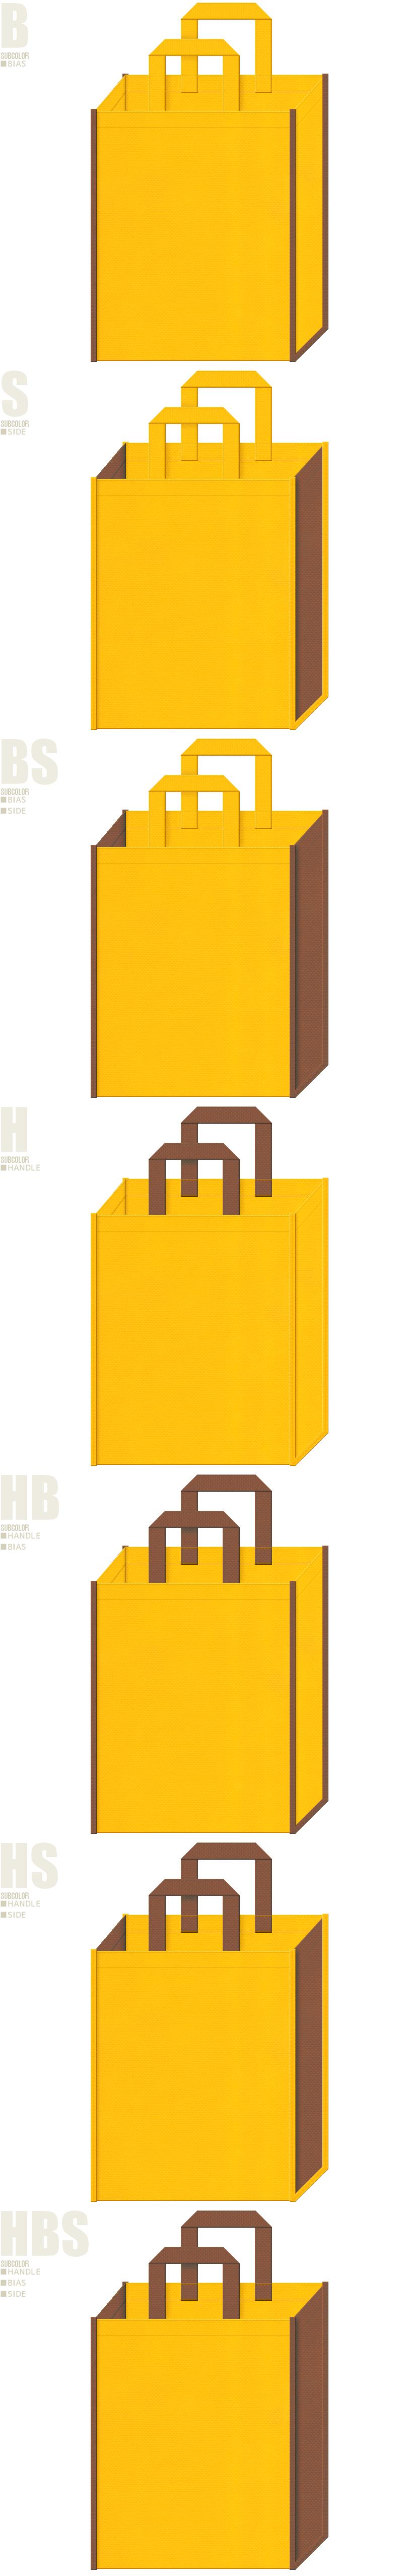 いちょうの木・焼きいも・スイートポテト・ロールケーキ・カステラ・サラダ油・フライヤー・キッチン用品の展示会用バッグにお奨めの不織布バッグデザイン:黄色と茶色の配色7パターン。